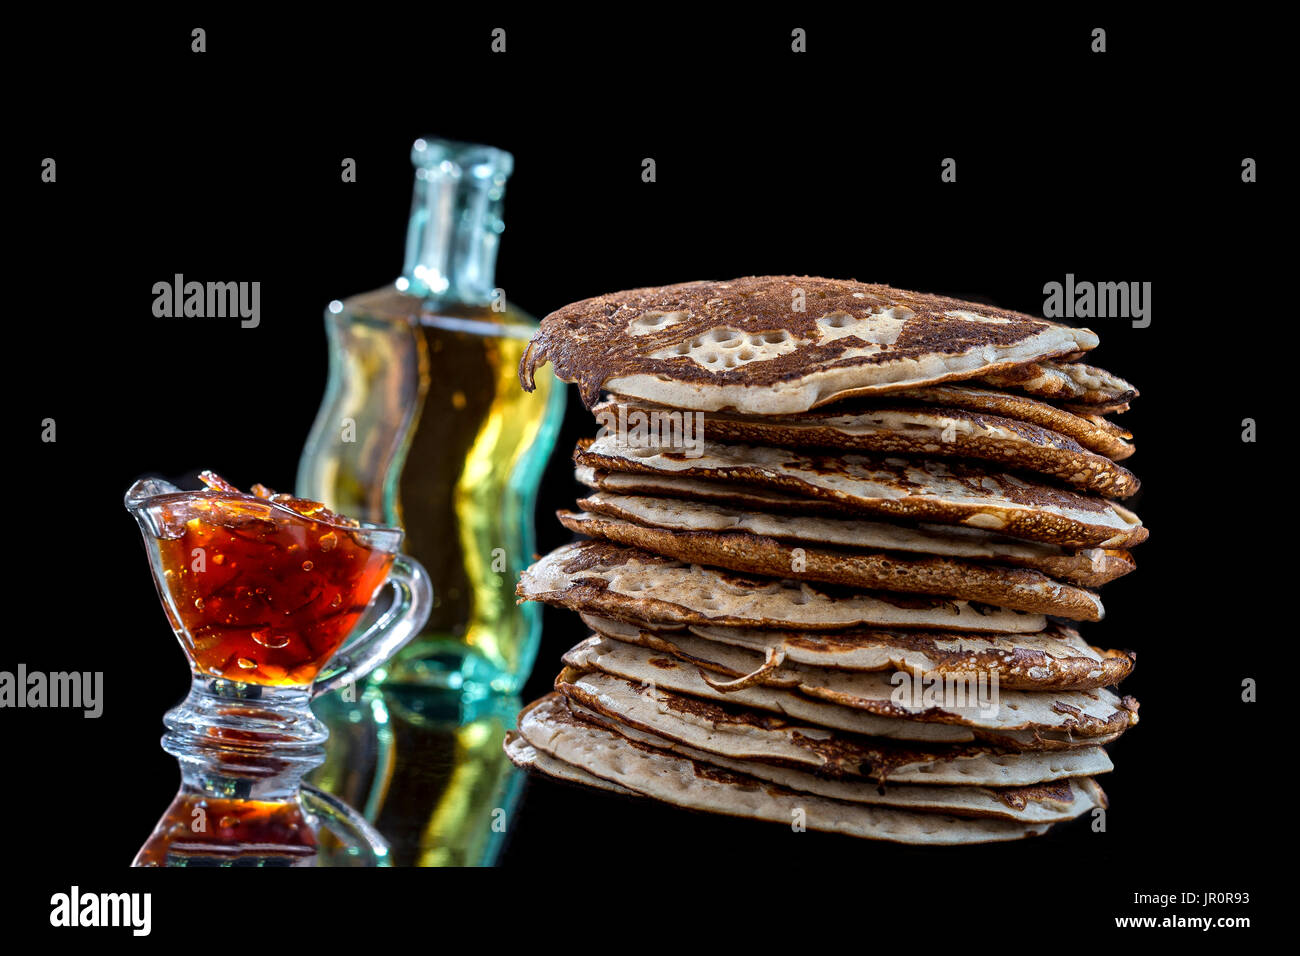 Glutten-free frittelle con marmellata e sciroppo d'acero, bio ingredienti salutari, su nero Immagini Stock